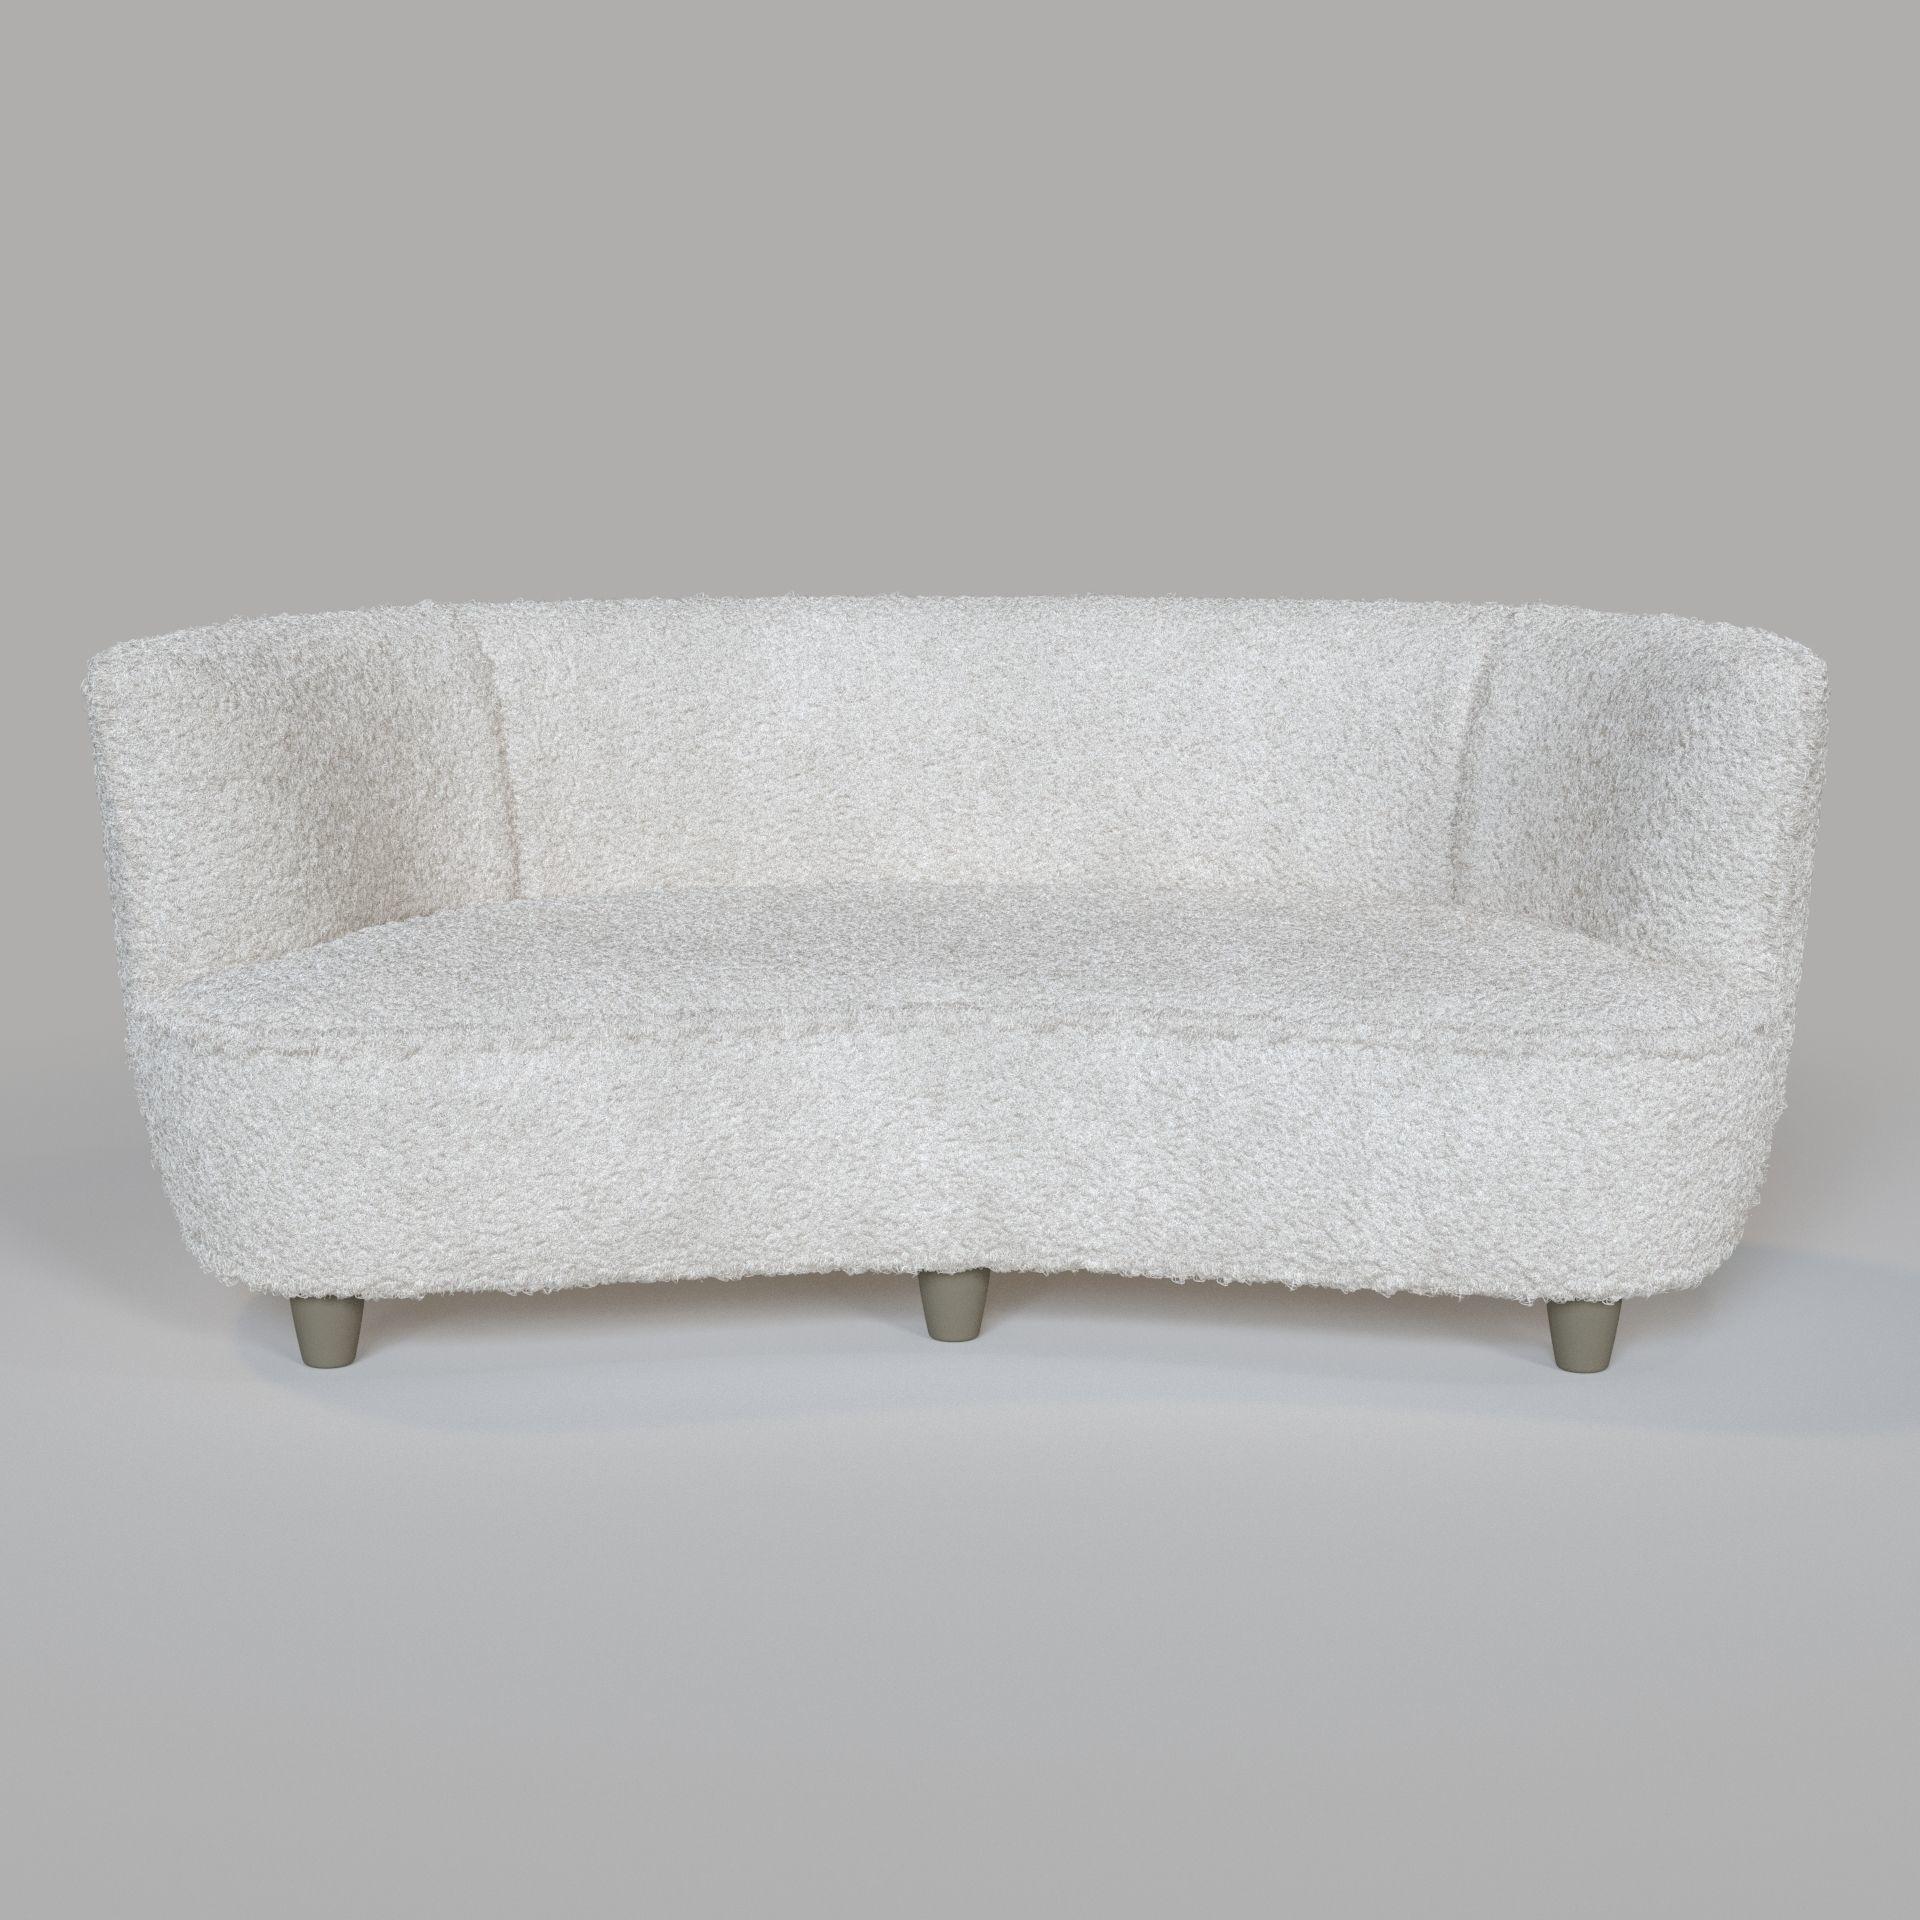 Otto Schultz Canape Sofa 3d Model Max Obj Mtl Fbx